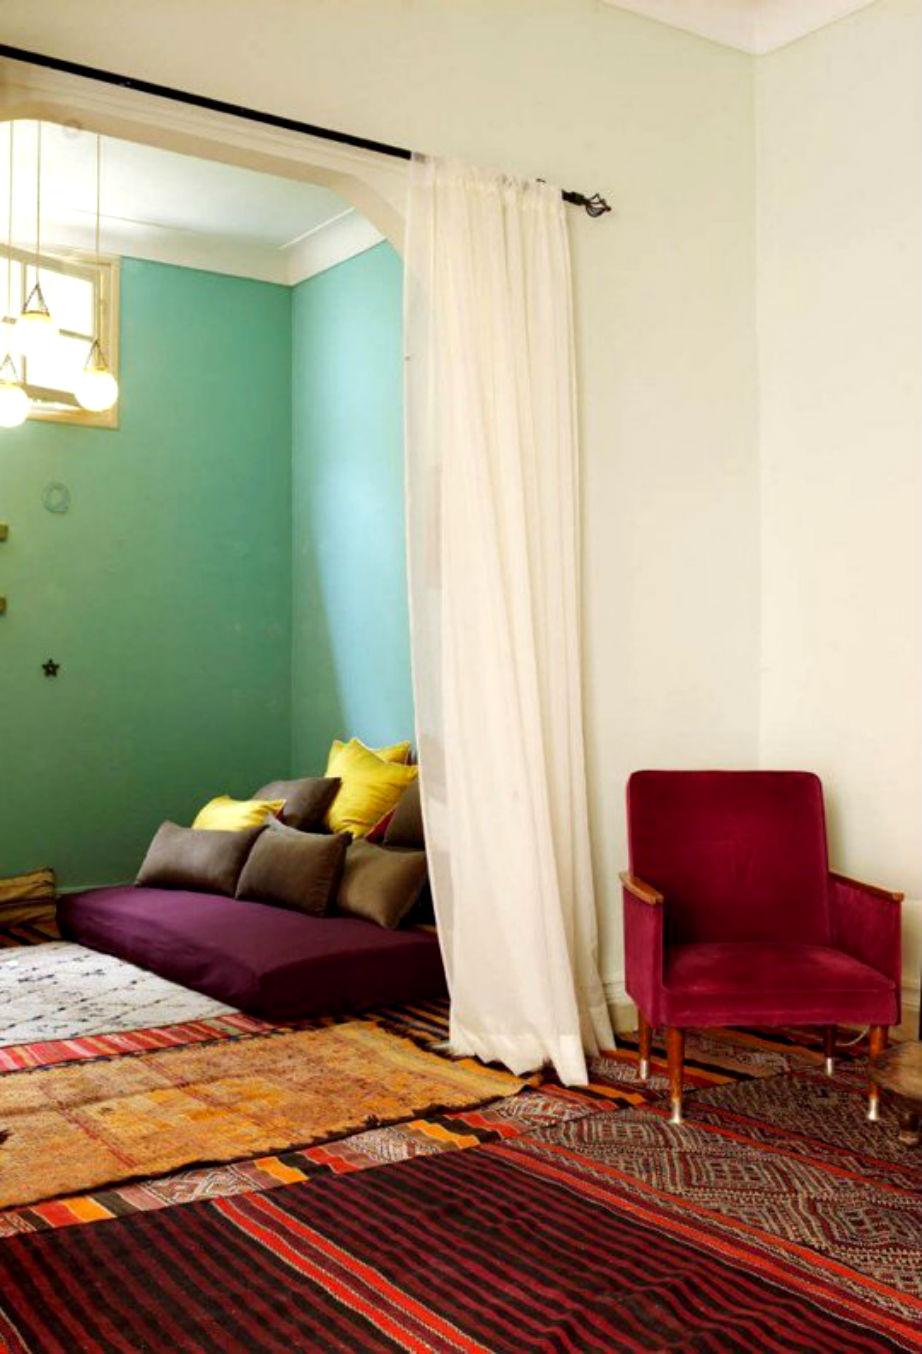 Είστε φαν του boho ή του έθνικ στολ; Ένα σάρι θα χωρίσει υπέροχα τους χώρους σας.